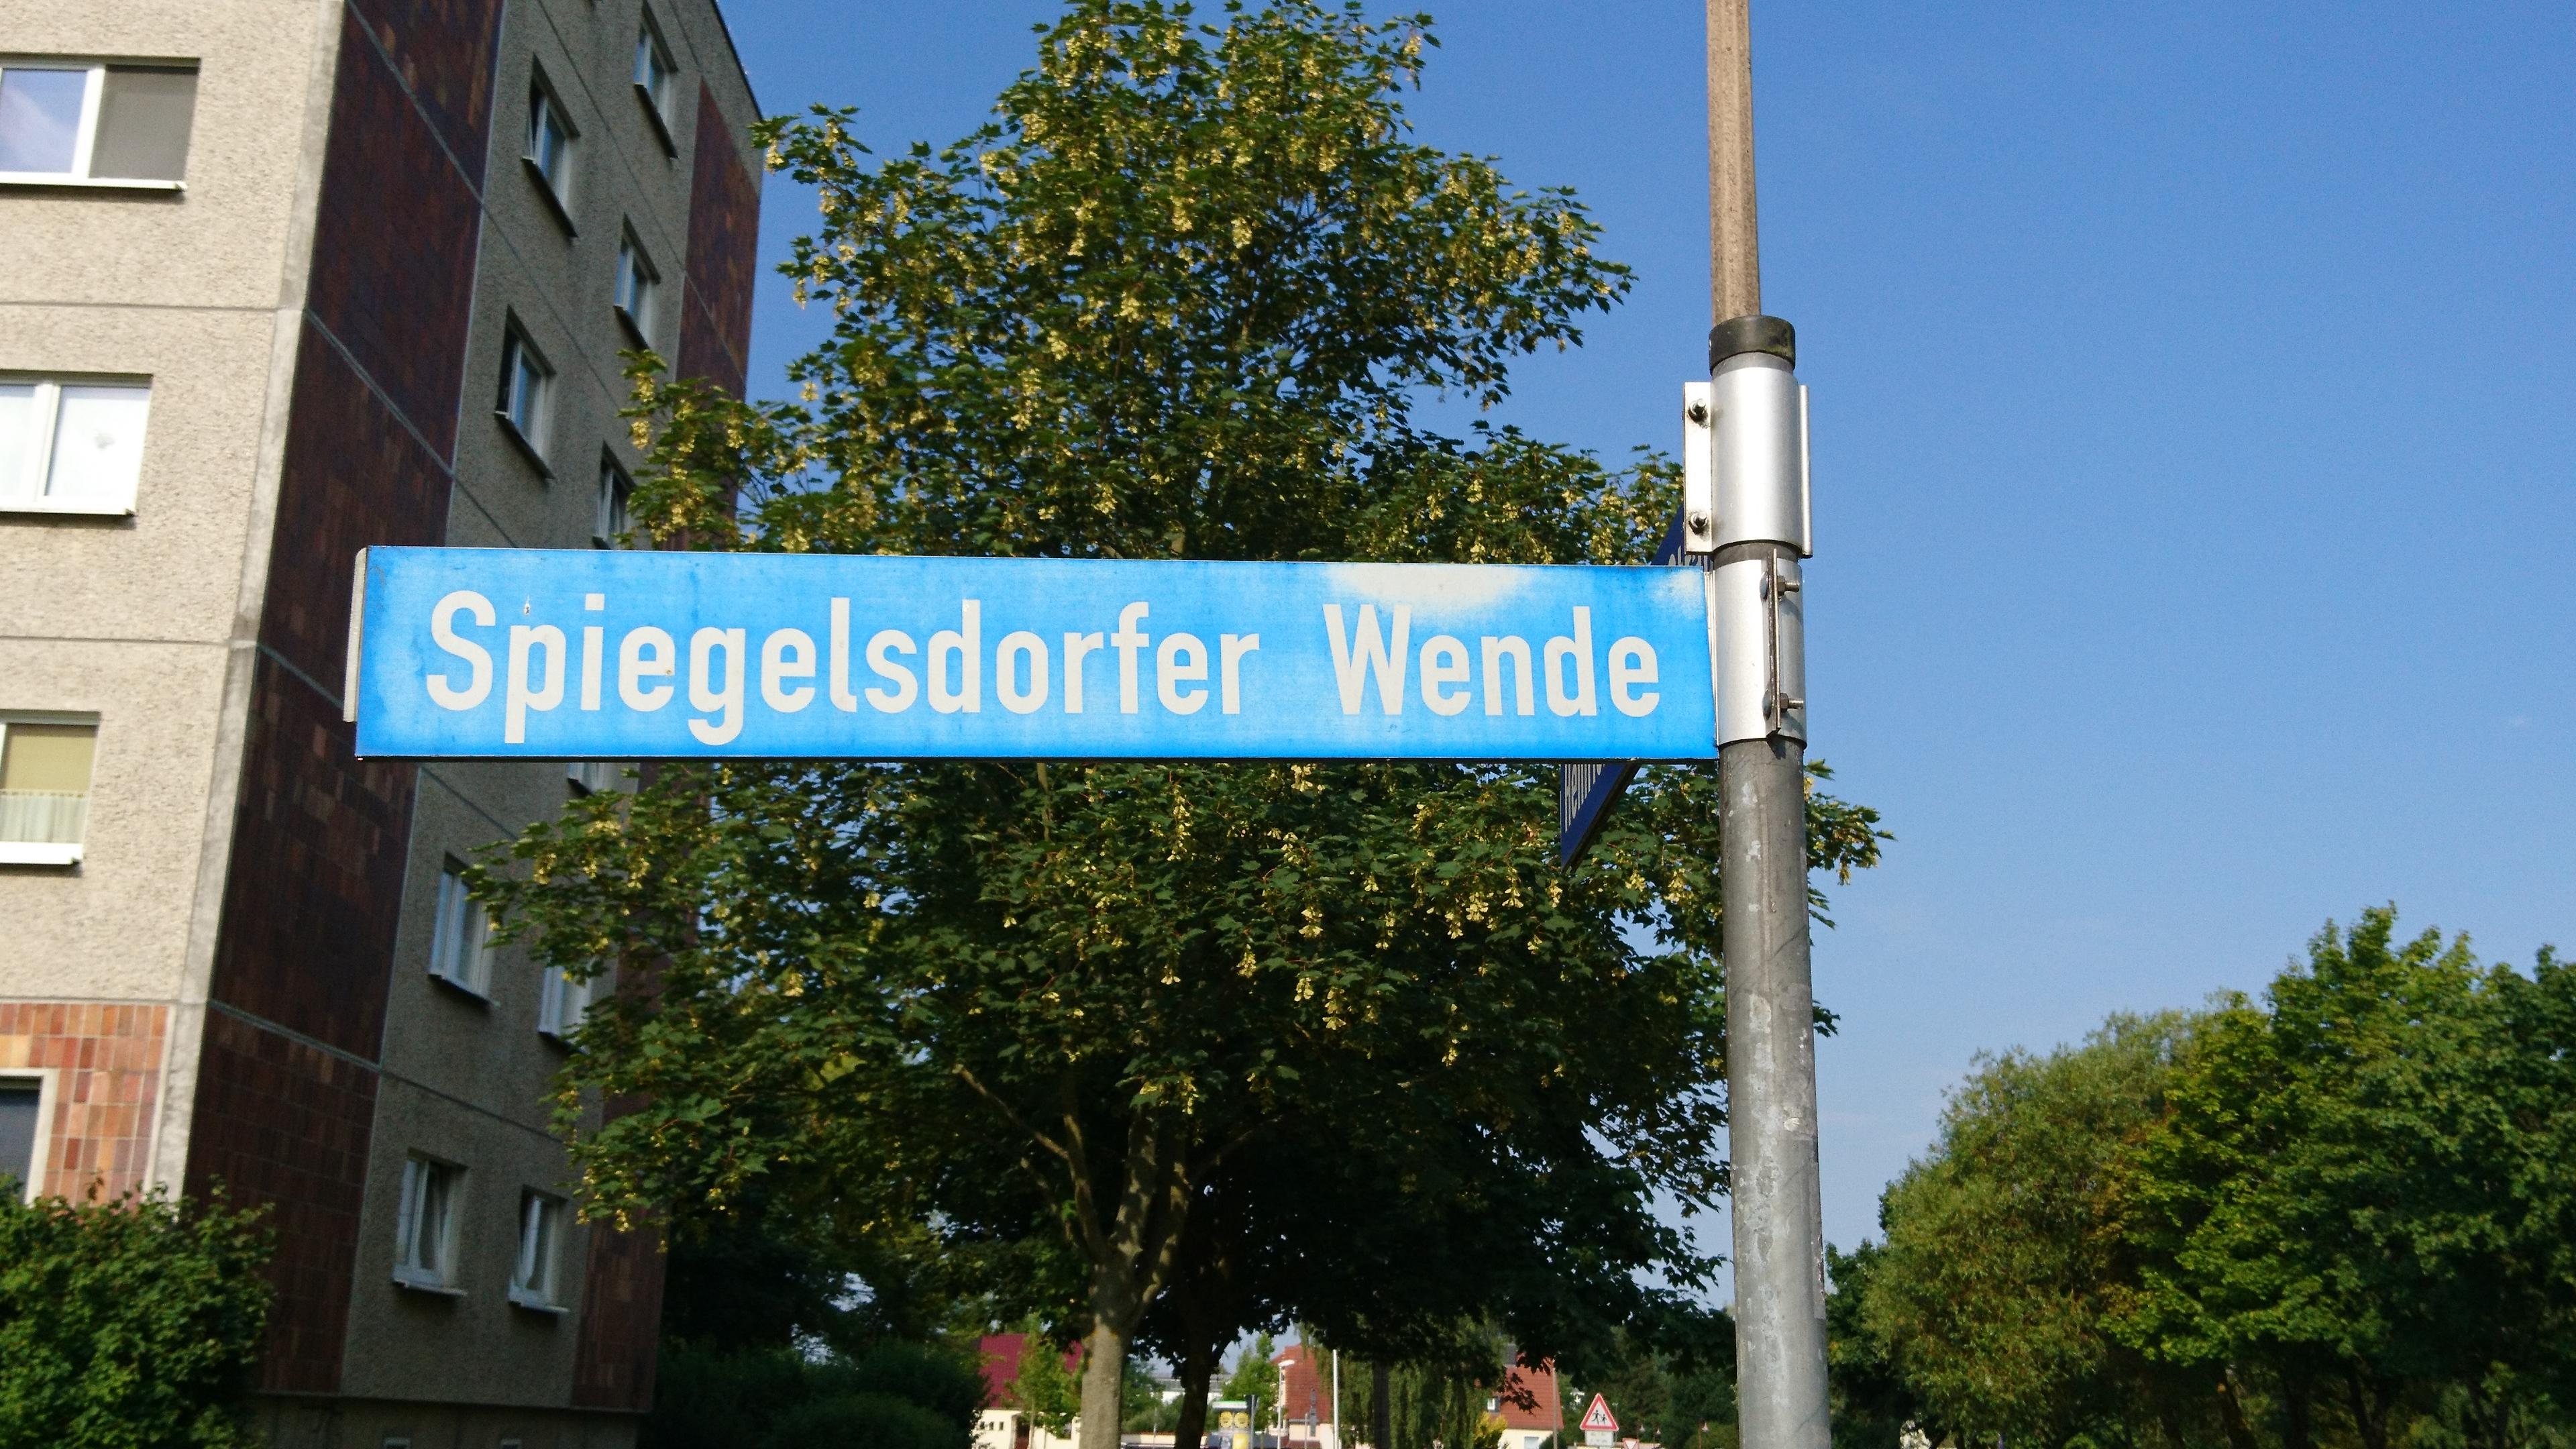 Greifswalder Straßen und ihre Geschichten Part V: Spiegelsdorfer Wende